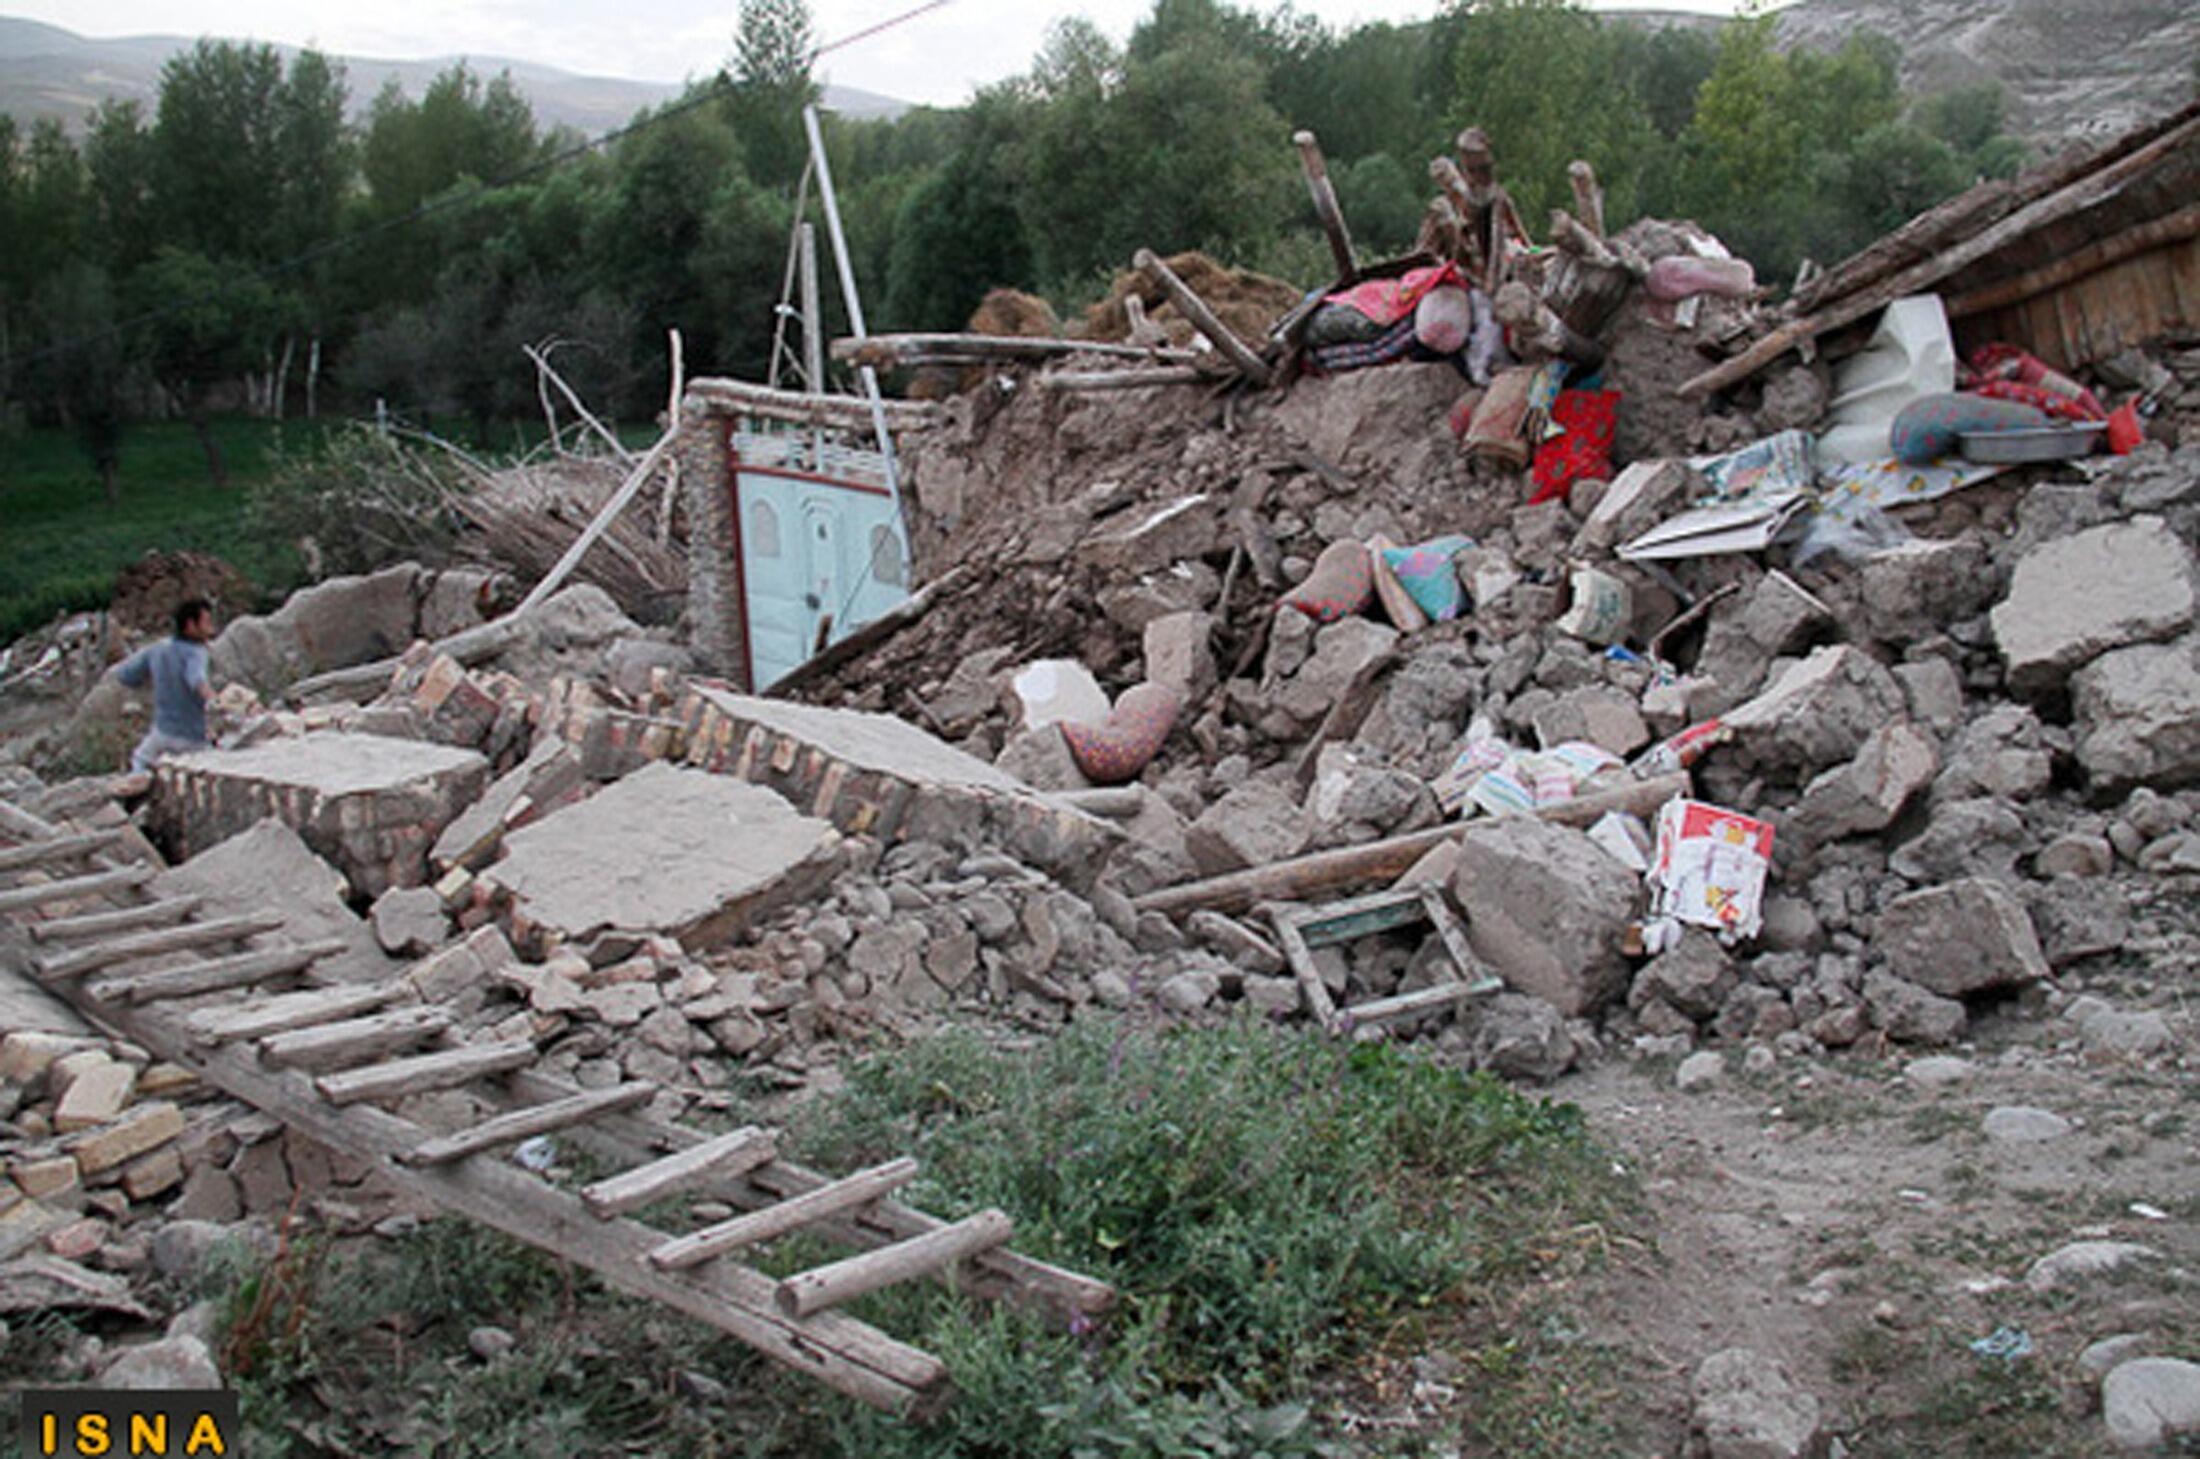 Escombros dos tremores de terra que devastaram a região noroeste do Irã no último sábado.